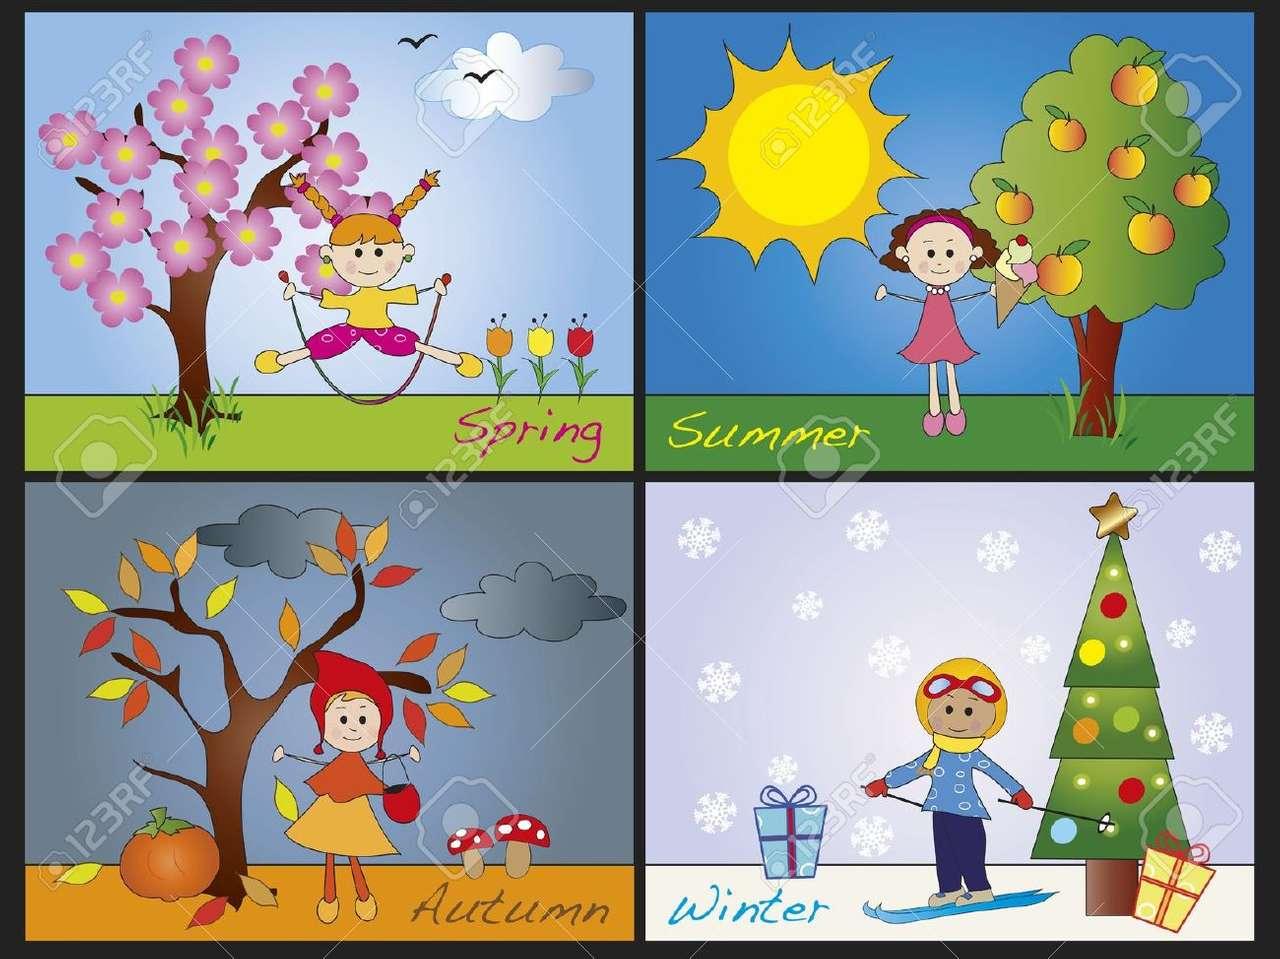 De fyra årstiderna - fyra årstider, vår, sommar, höst och vinter (9×7)